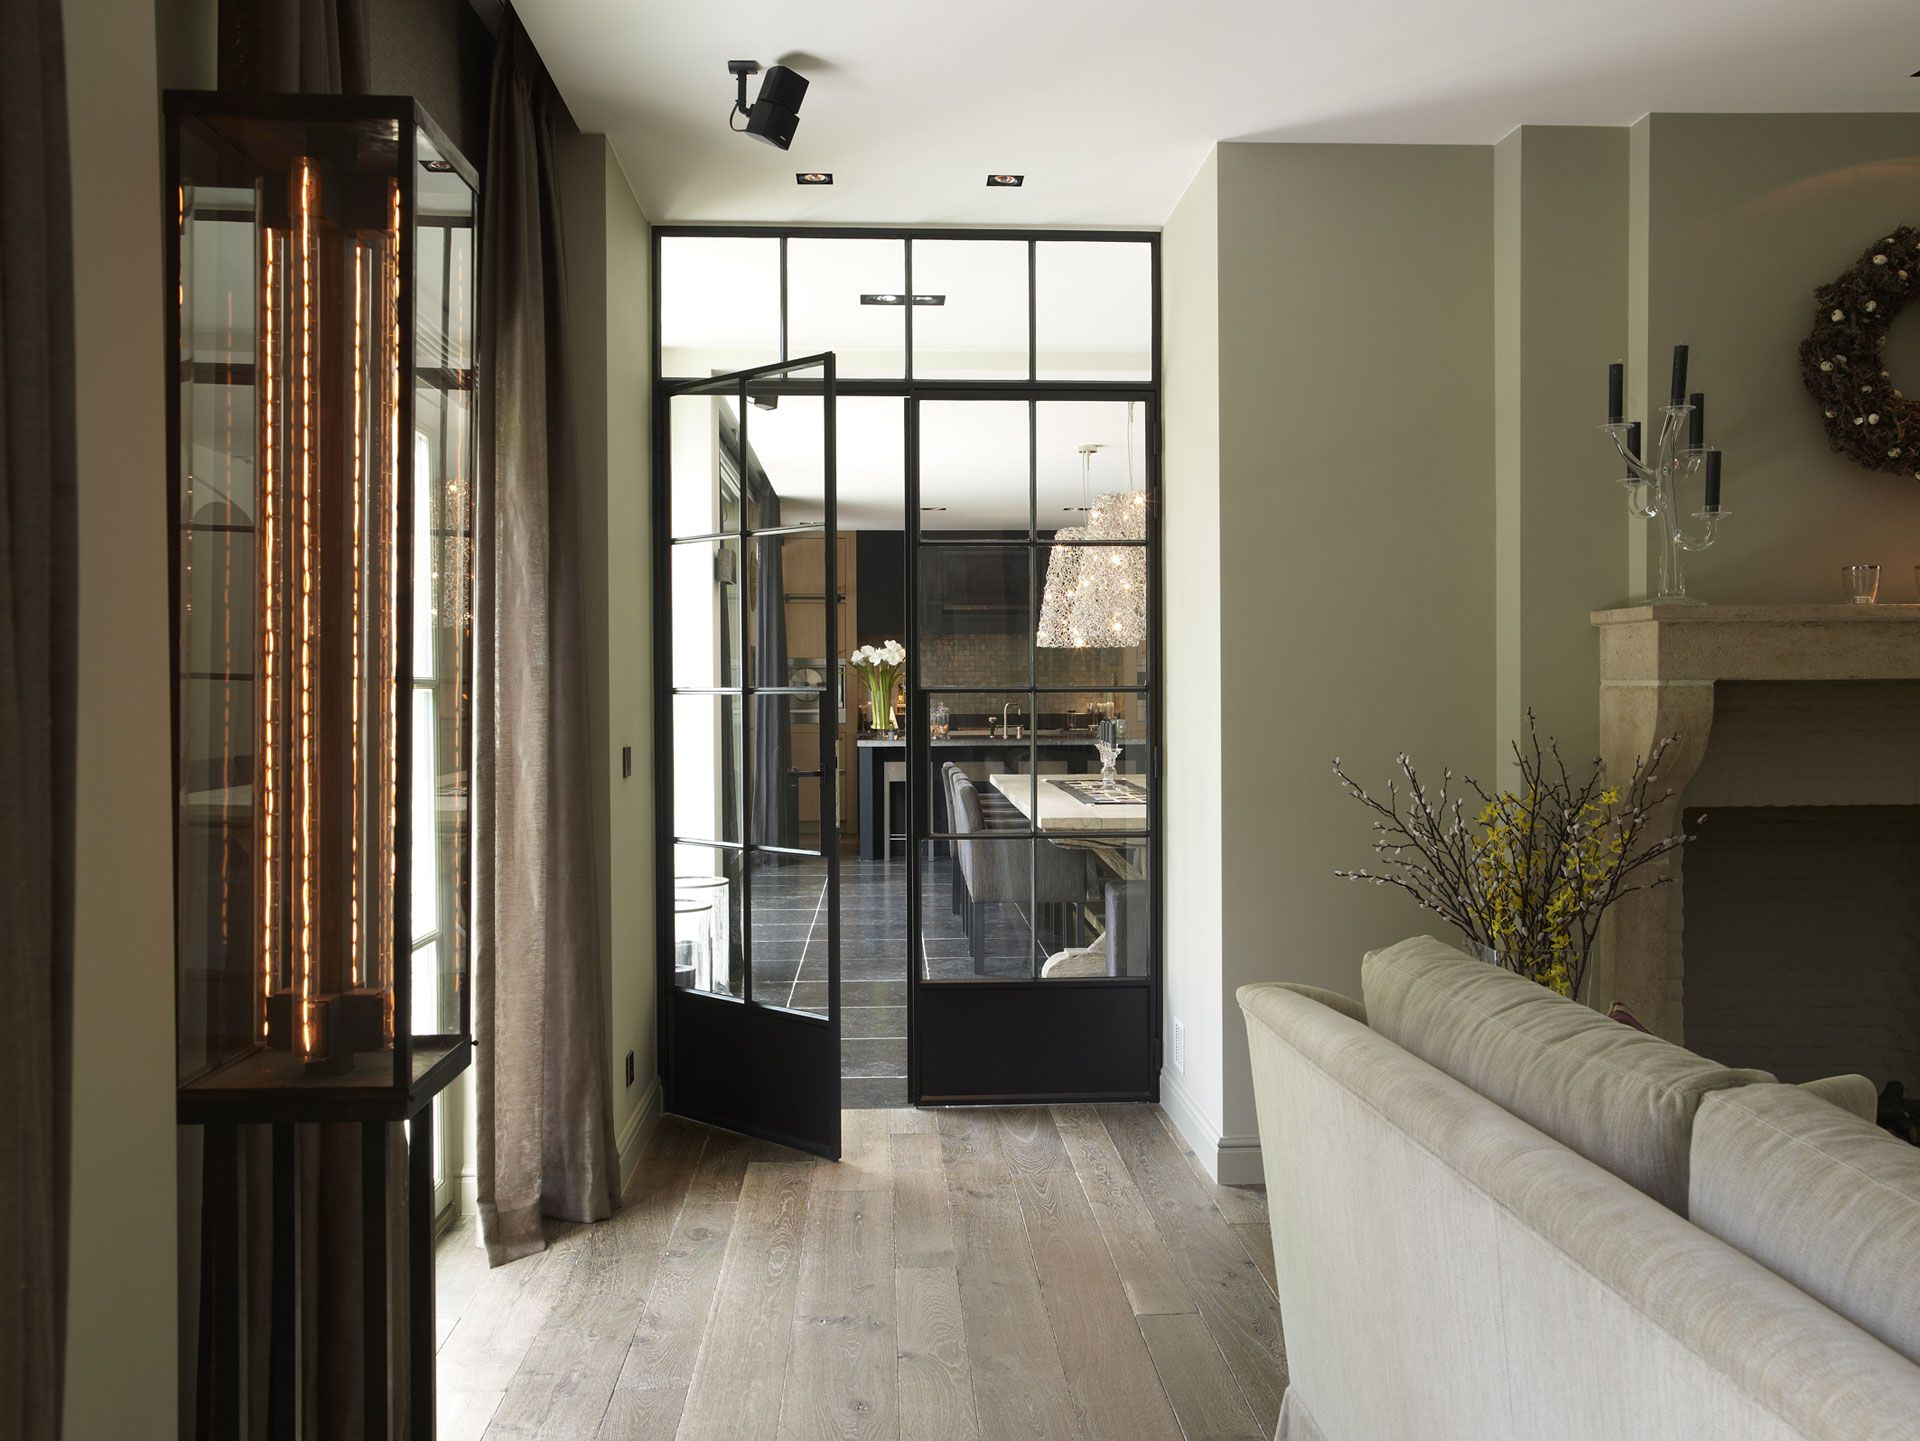 Tussendeur keuken - woonkamer | Home | Pinterest | Doors, Home and ...